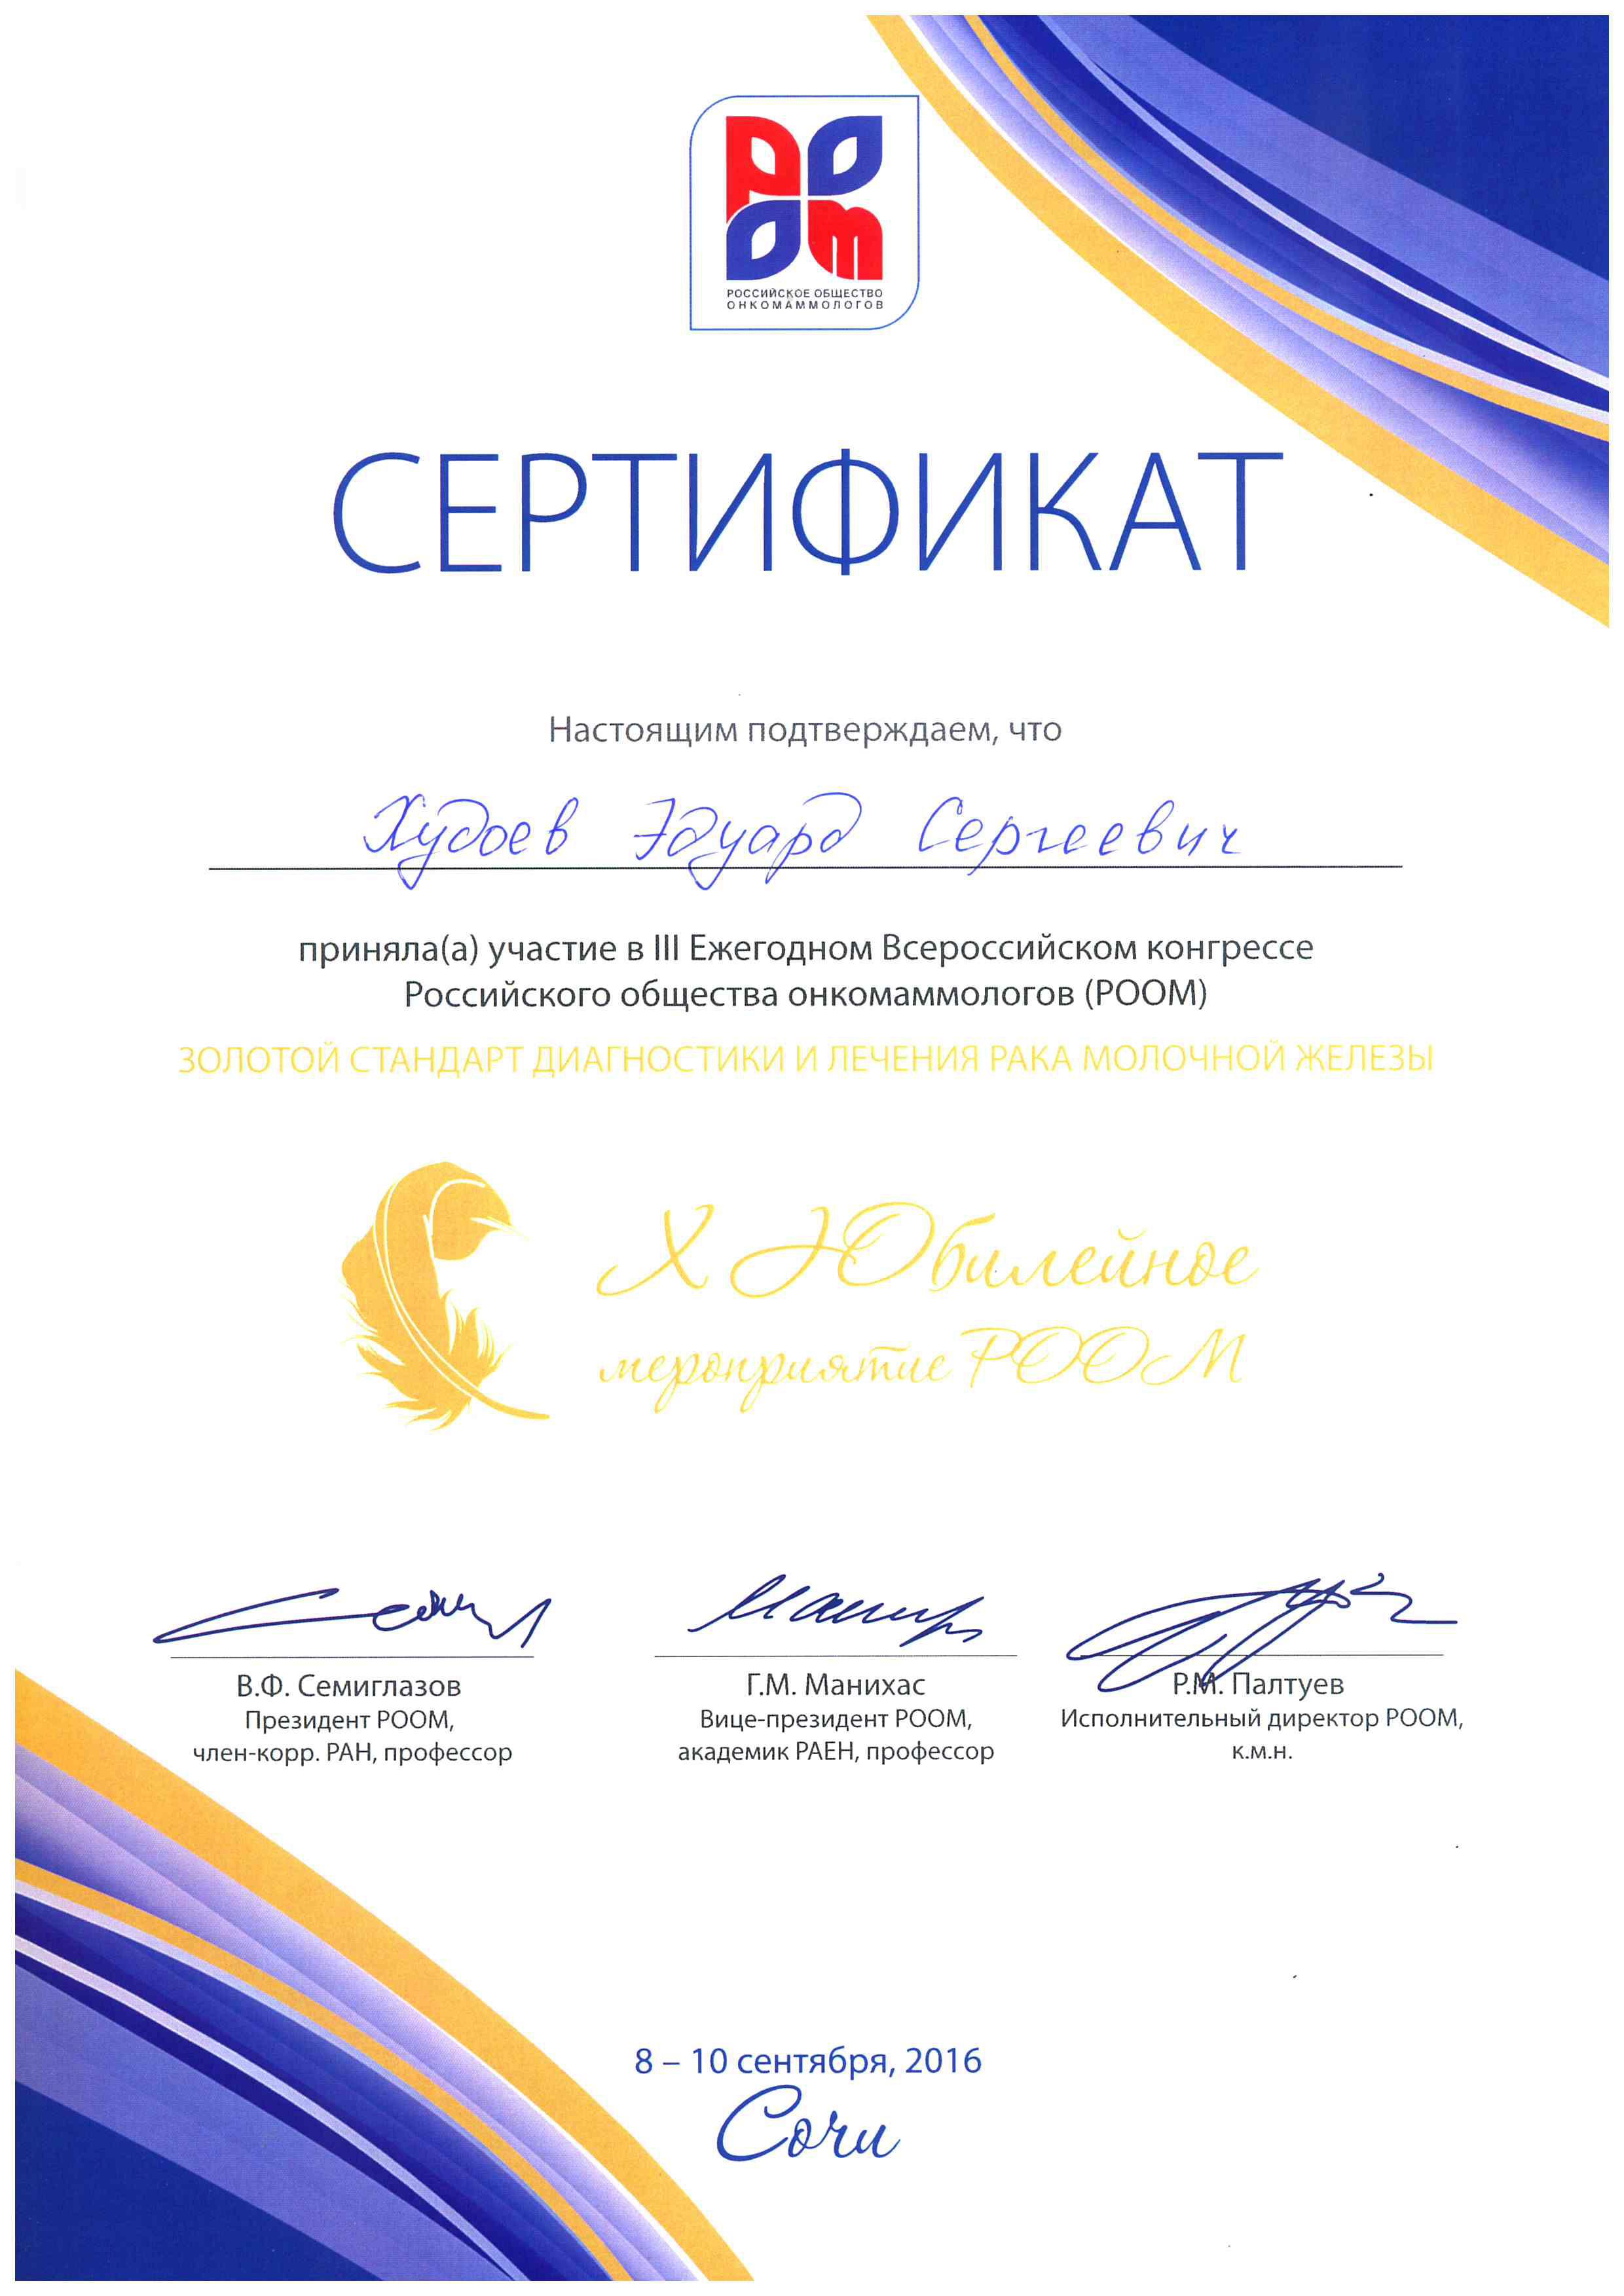 sertefikat